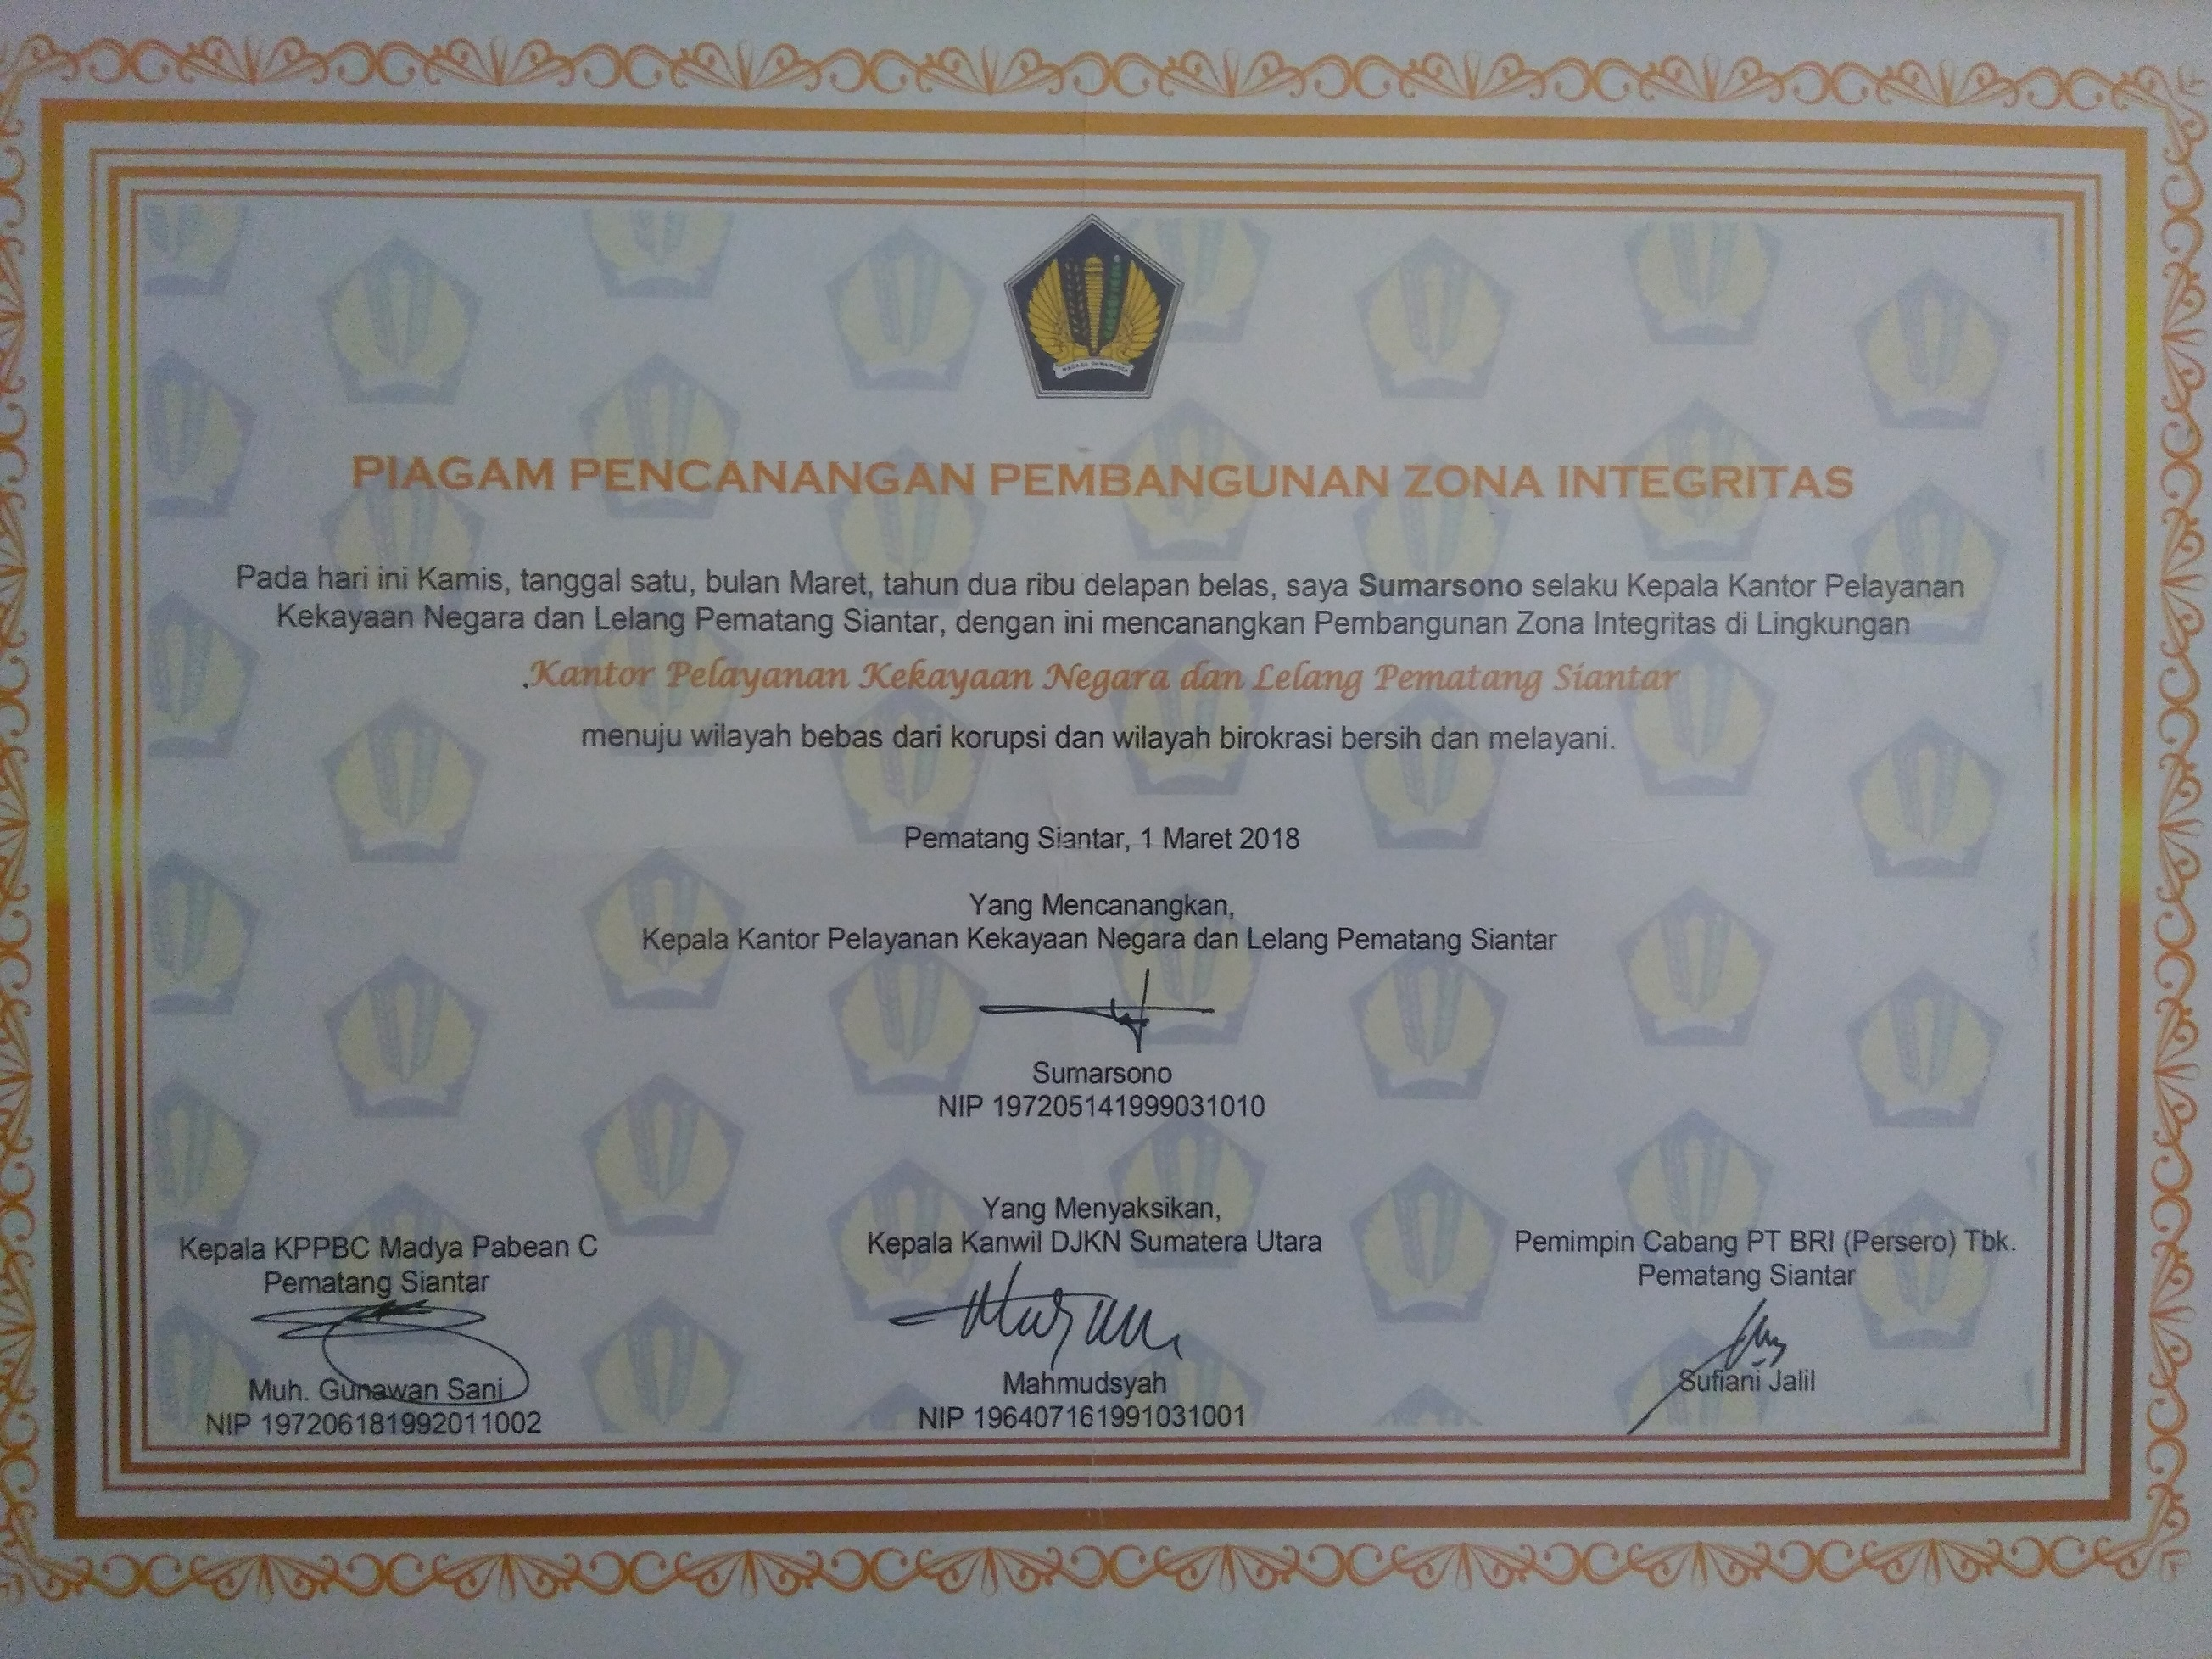 KPKNL Pematangsiantar menuju Wilayah Bebas Korupsi dan Wilayah Birokrasi Bersih Melayani.